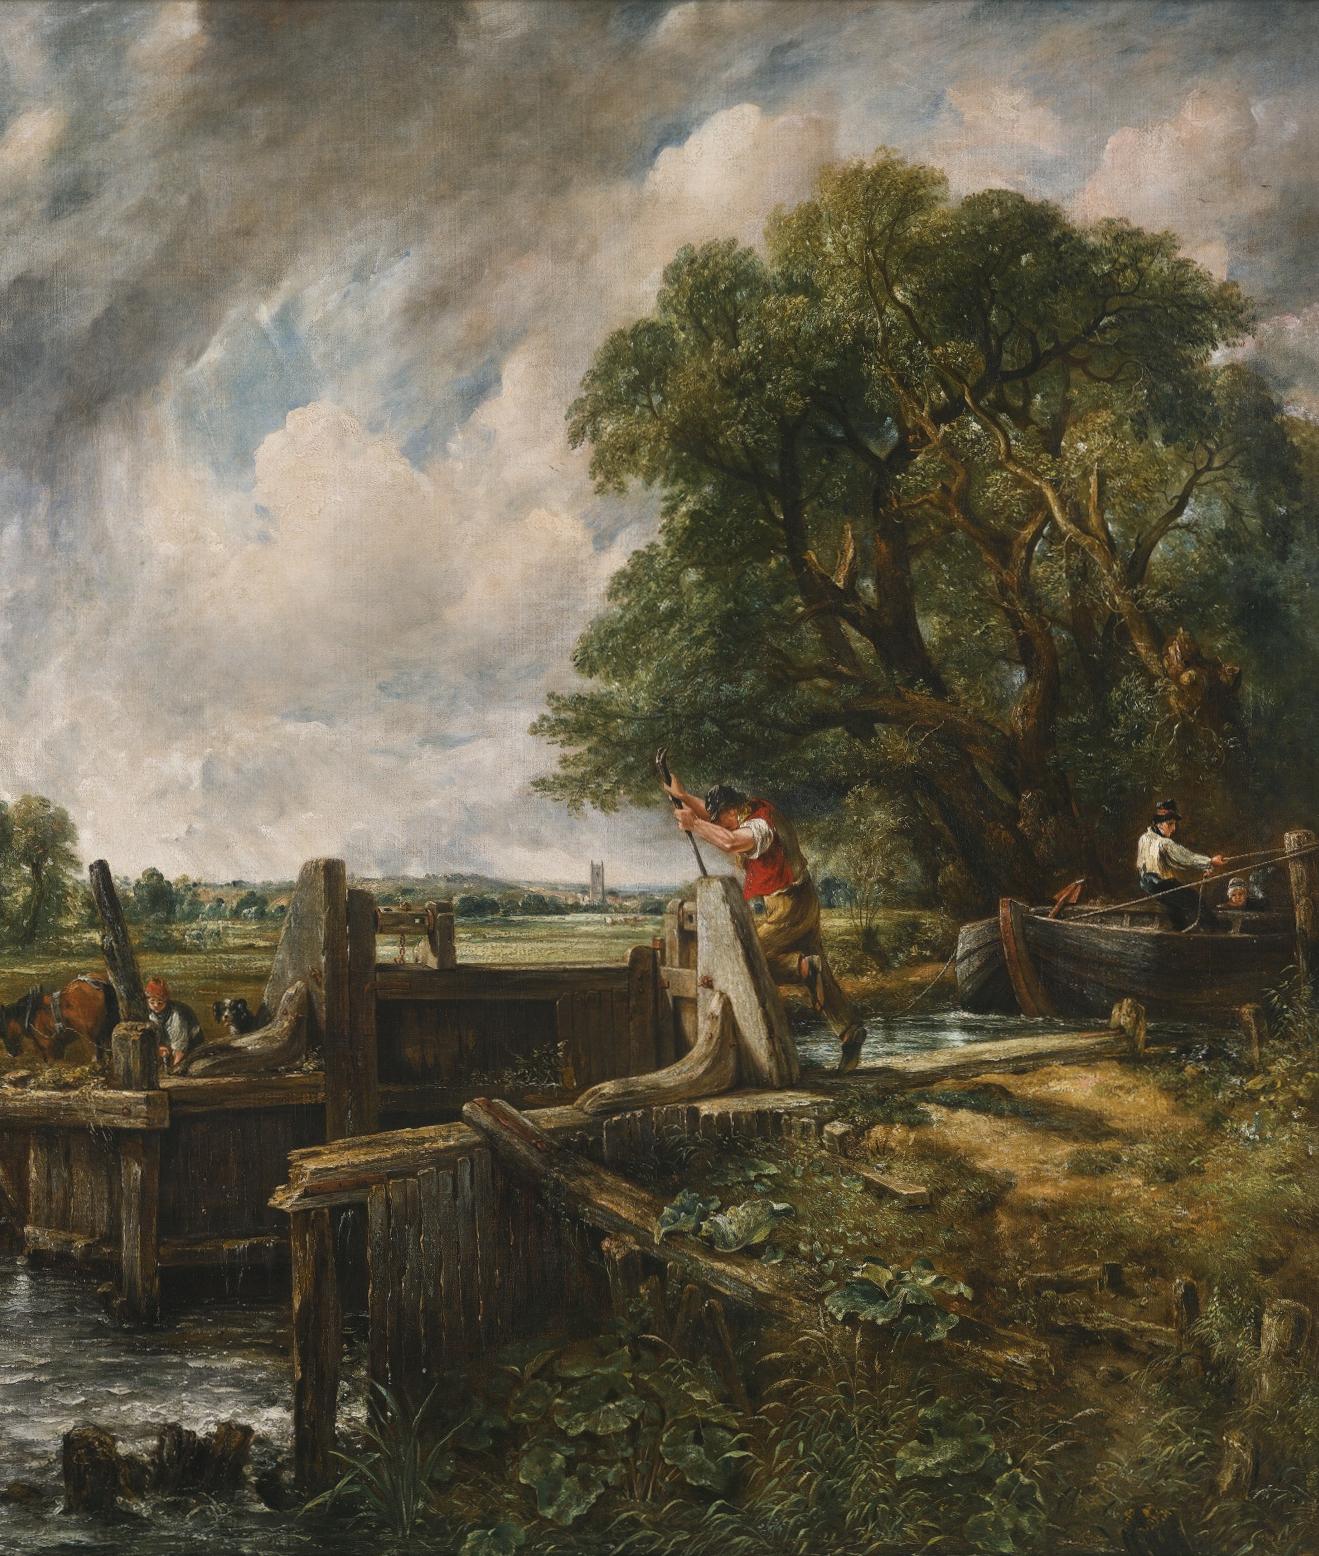 Sophia S Painting Hangs In The Rijksmuseum